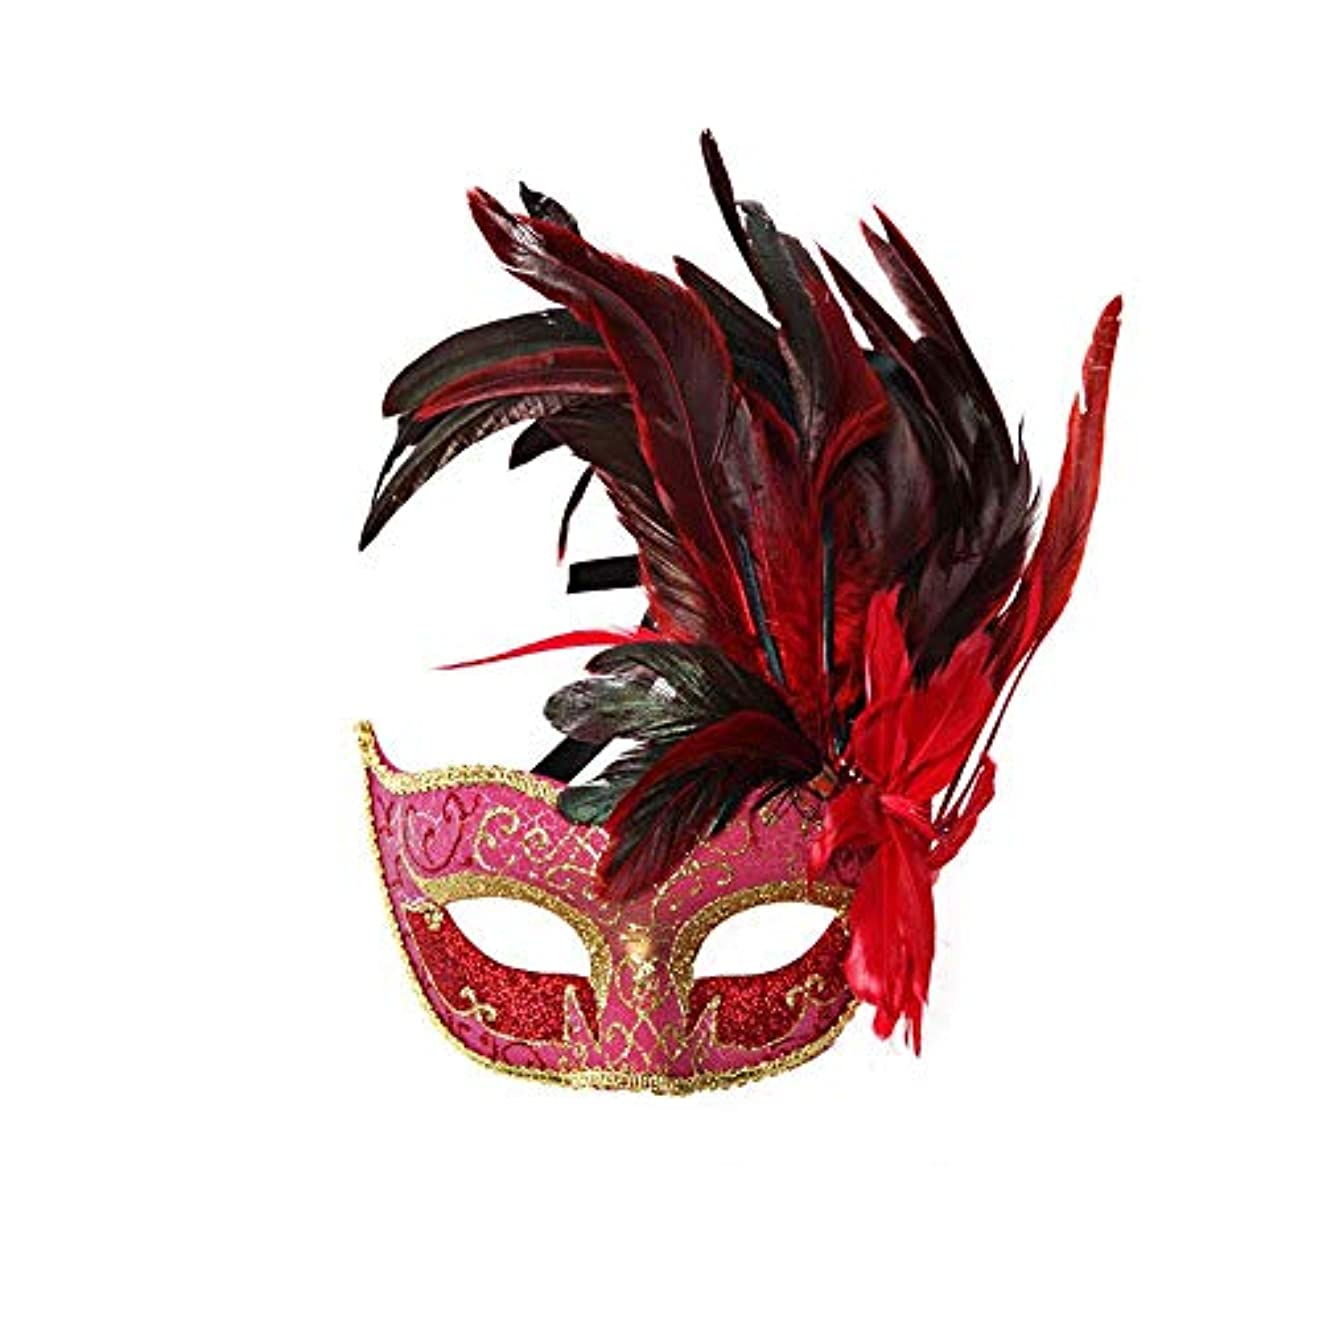 野球純粋にメディアNanle ハロウィンマスクハーフフェザーマスクベニスプリンセスマスク美容レース仮面ライダーコスプレ (色 : Style A red)